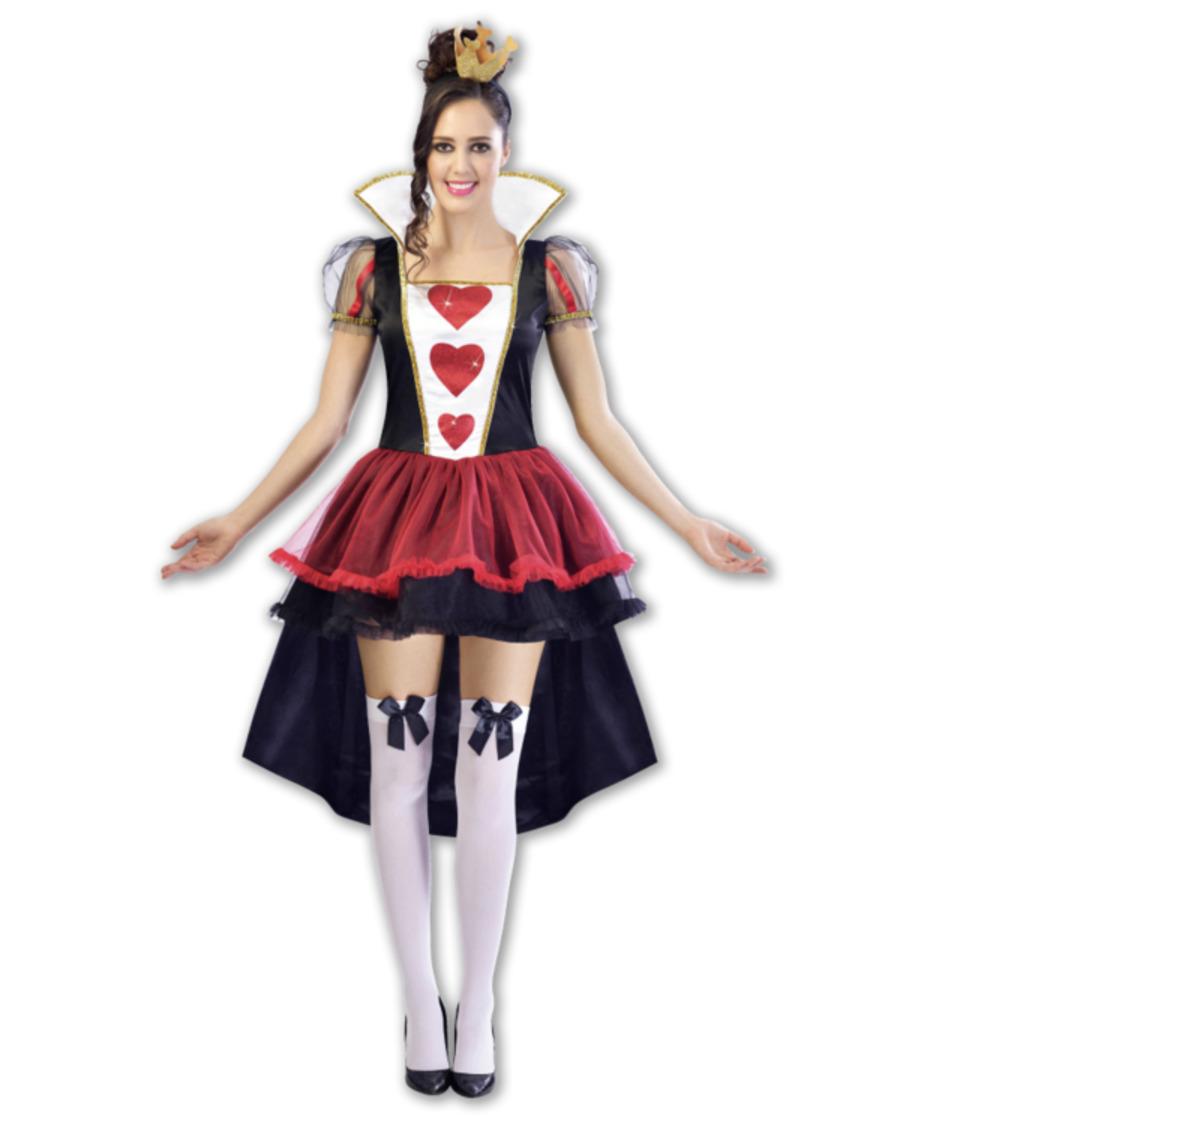 Bild 4 von Karnevalskostüm für Damen